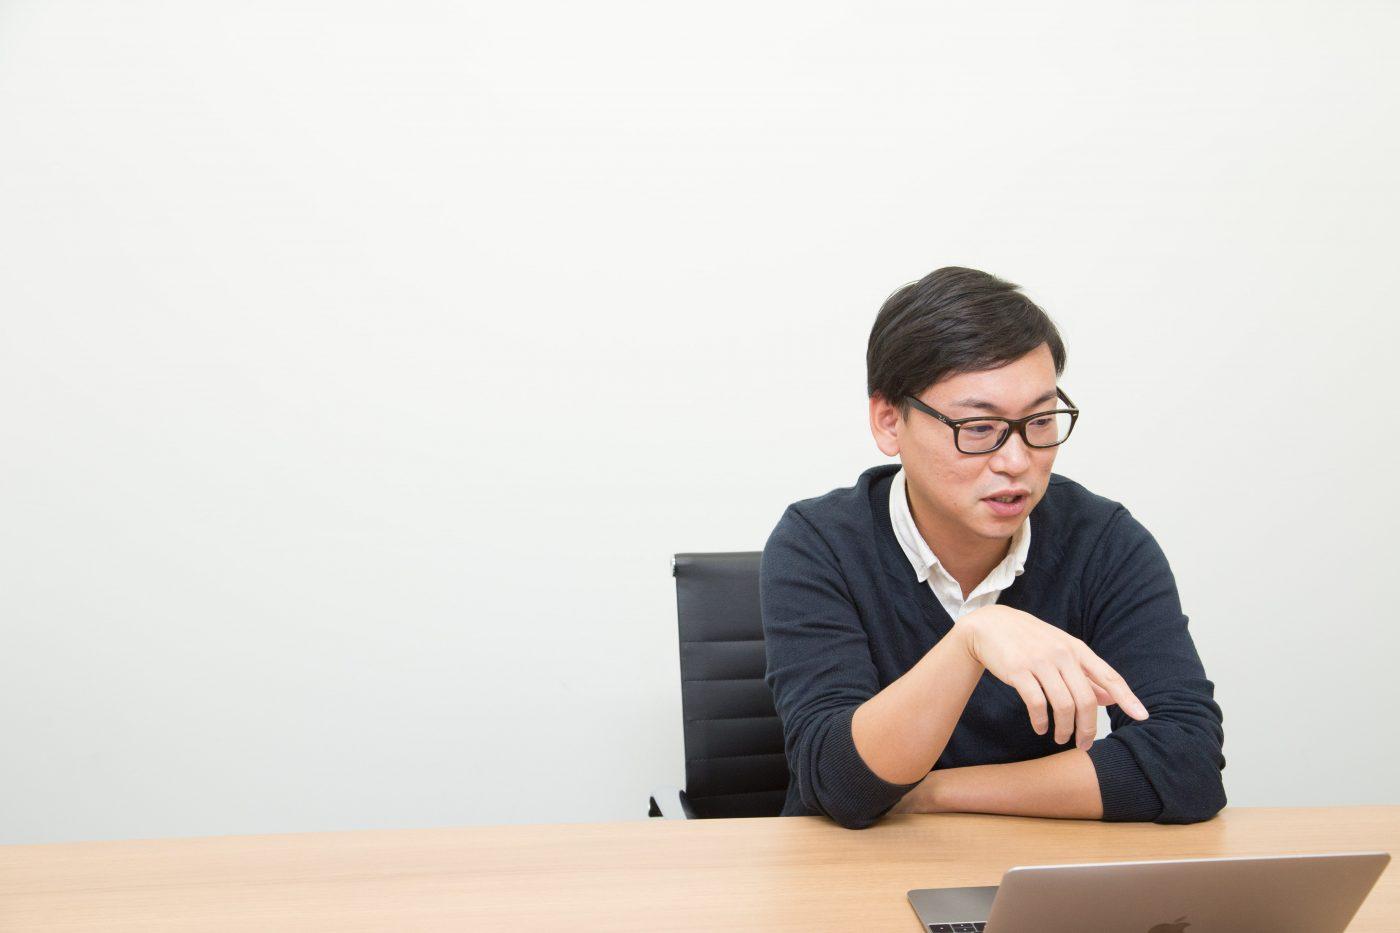 松田氏は、一度創業した企業を譲り渡して、LeapMindは誕生している。想いを持って生み出した企業だというのに、譲渡に踏み切ったのはなぜだろうか。こたえは、Deep Learningの技術に魅了されたからだった。